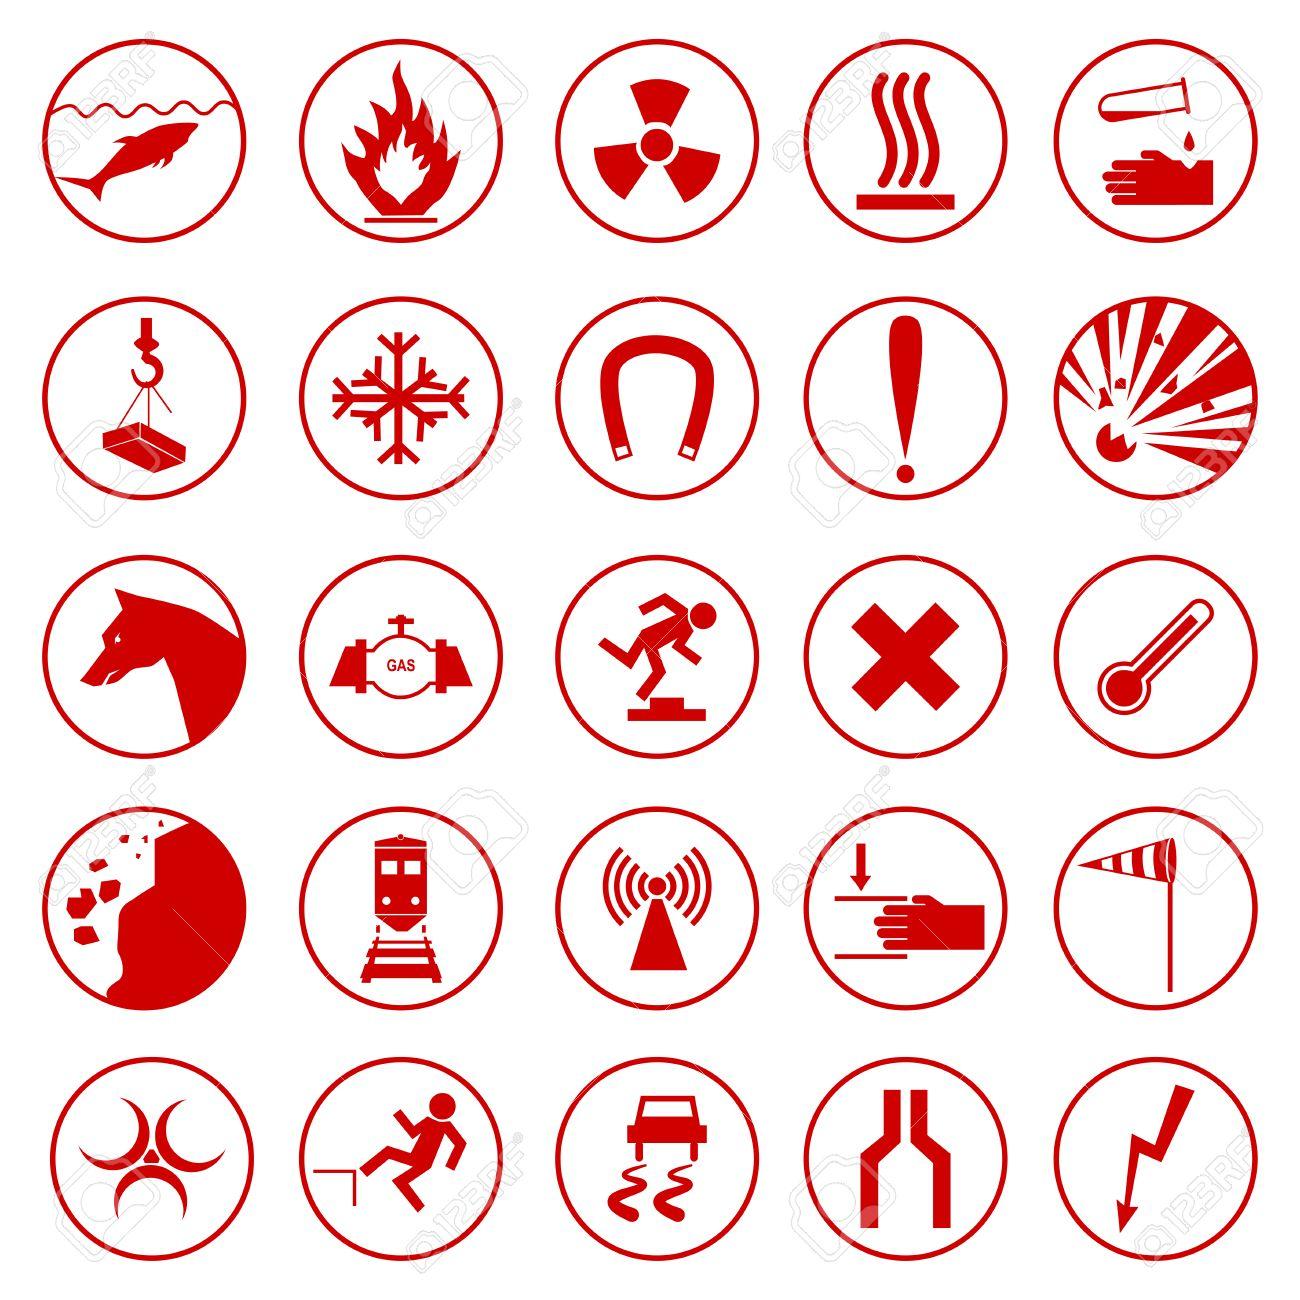 cdfe2e2c642a5 Conjunto de señales de advertencia y peligro. Foto de archivo - 71453325